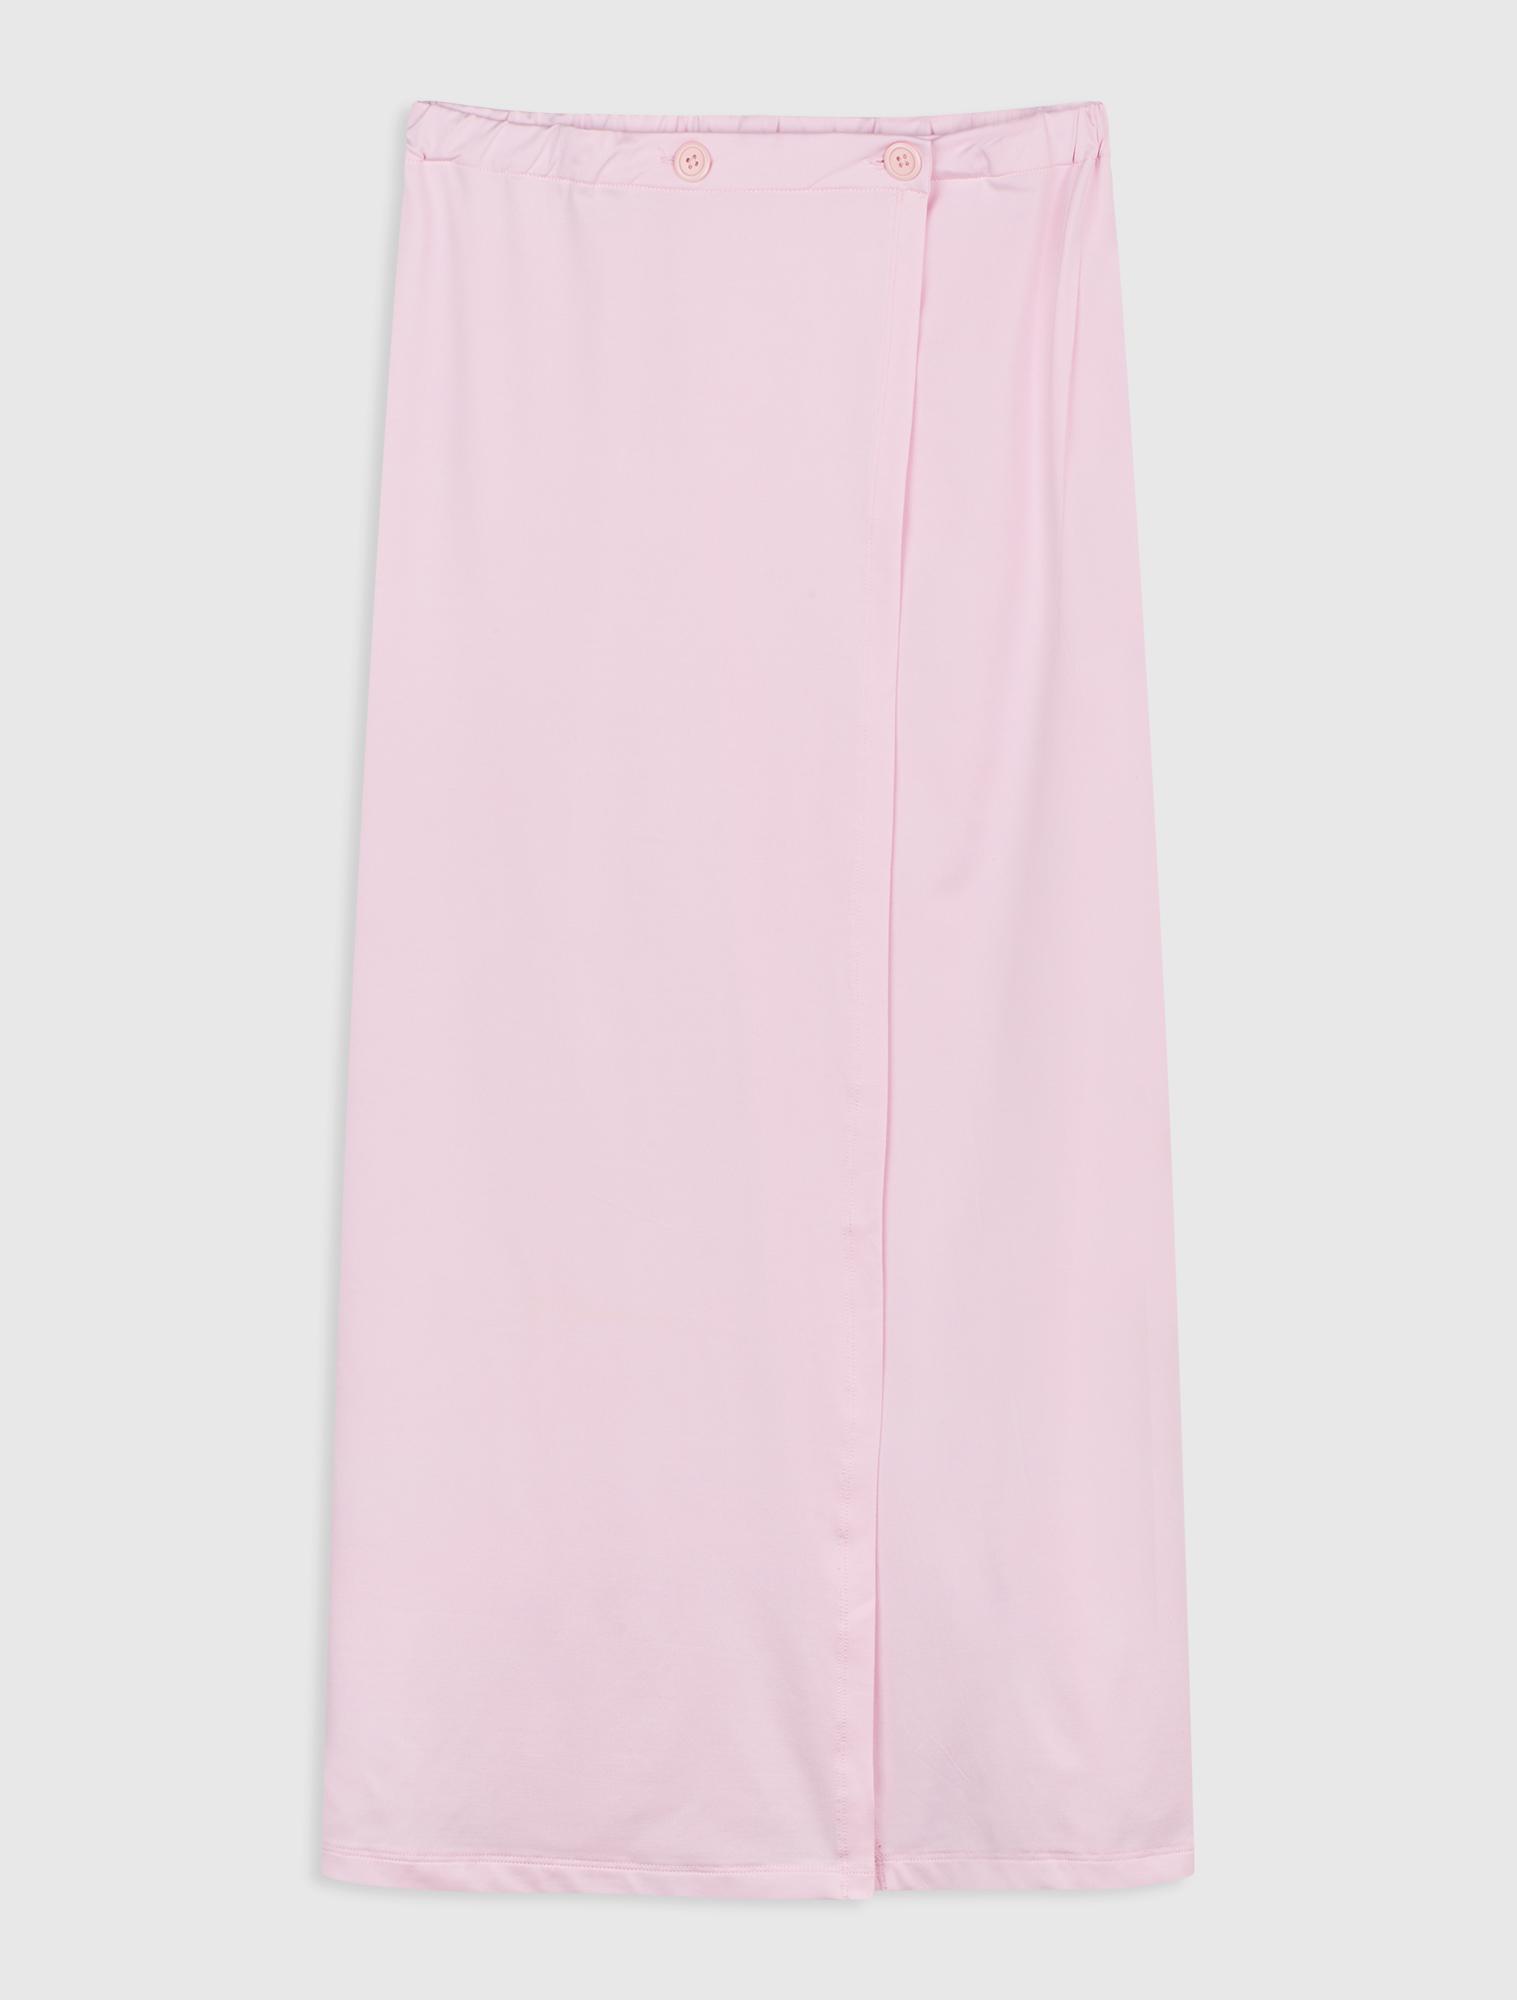 Combo đồ chống nắng từ đầu đến chân cho chị em: Nhiều món đang sale, chỉ 250k mua được áo chống nắng xịn - Ảnh 5.